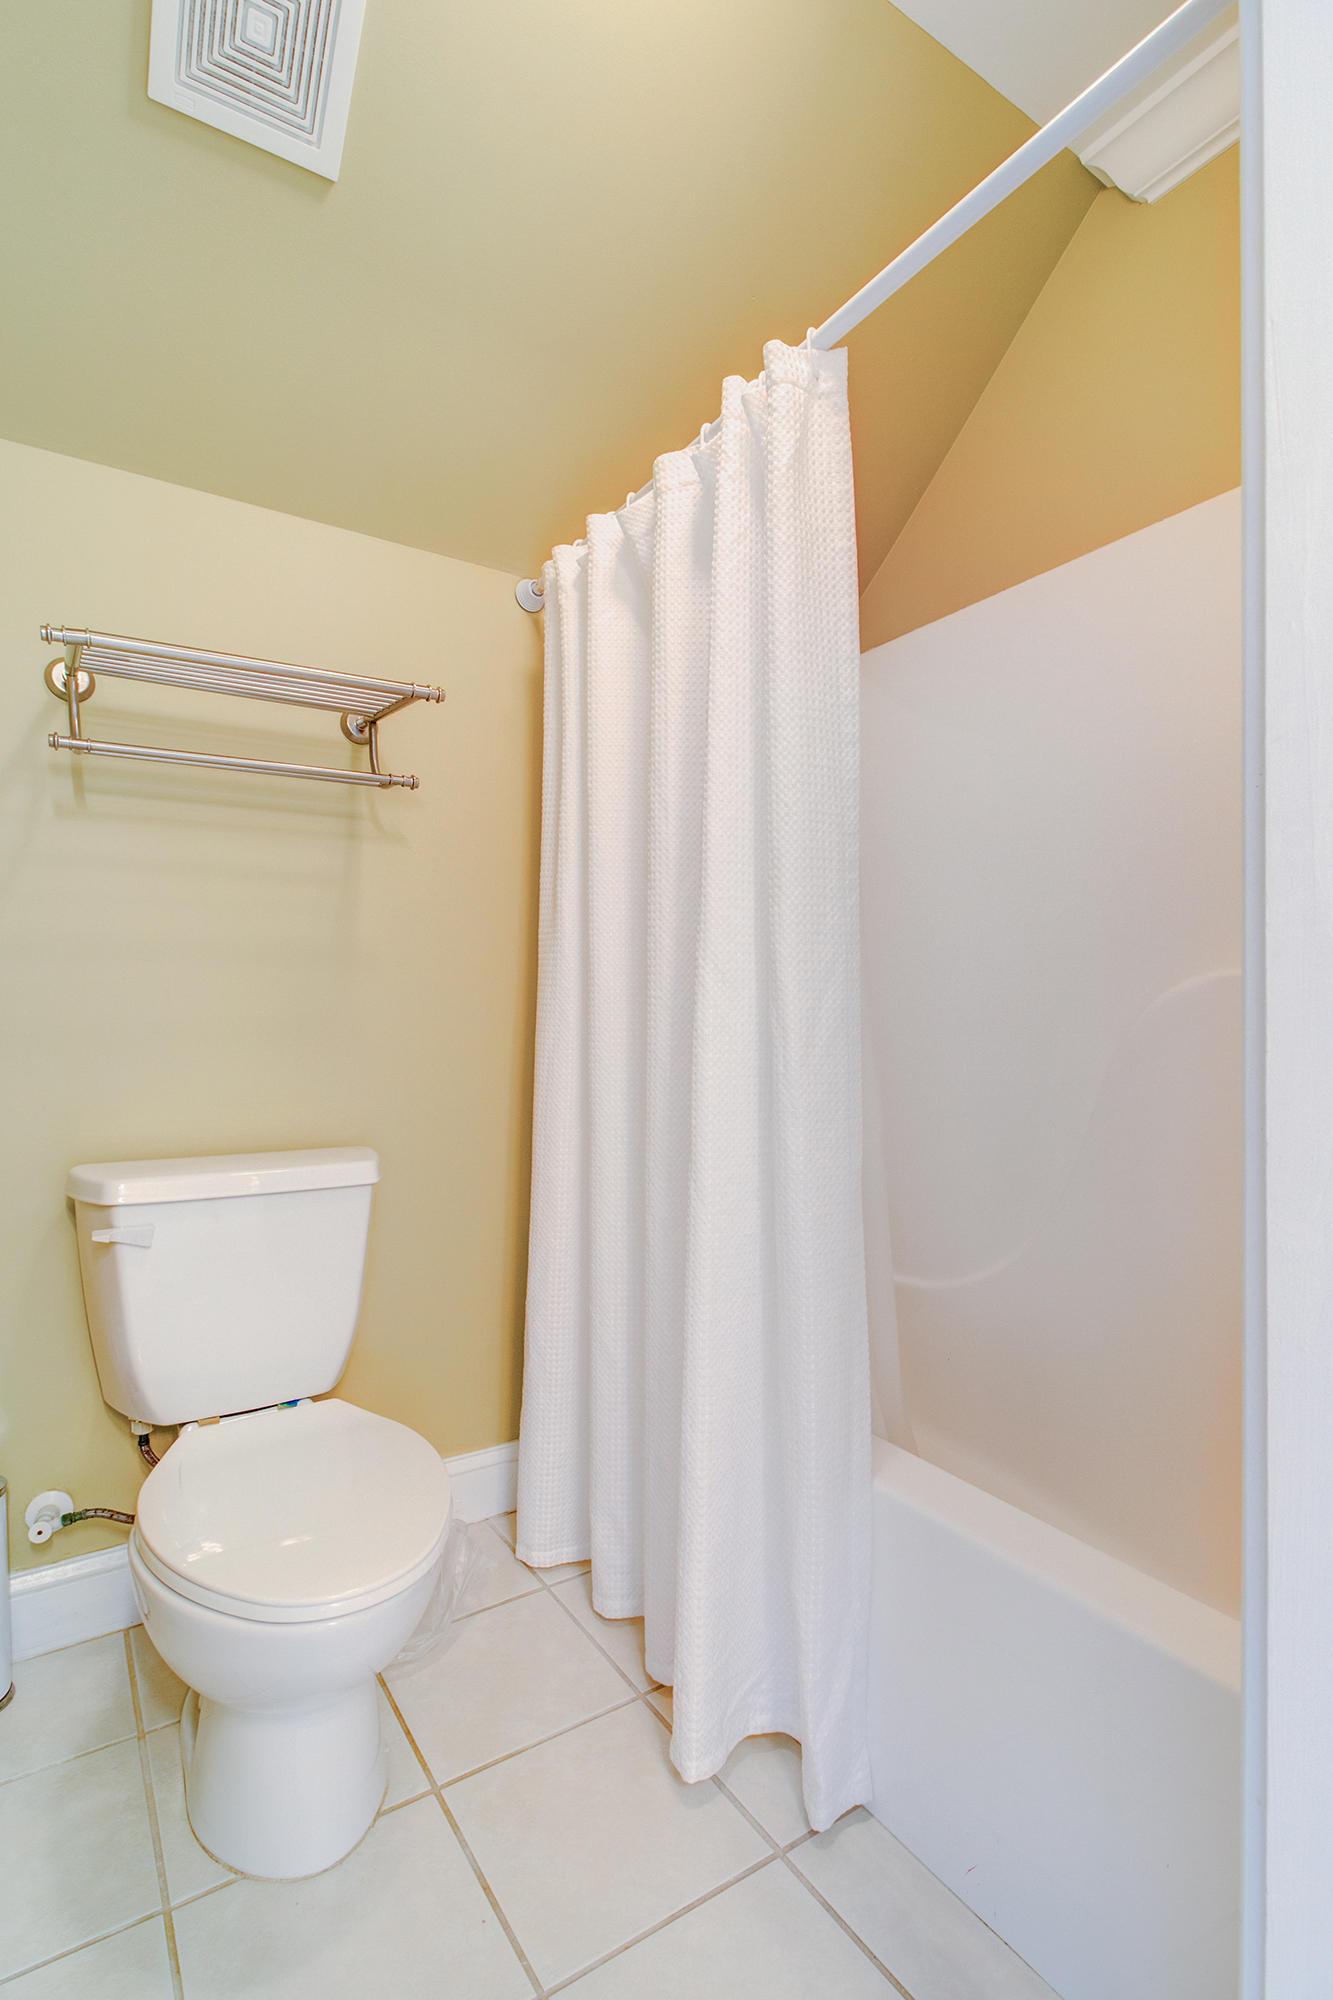 Dunes West Homes For Sale - 2817 Oak Manor, Mount Pleasant, SC - 36